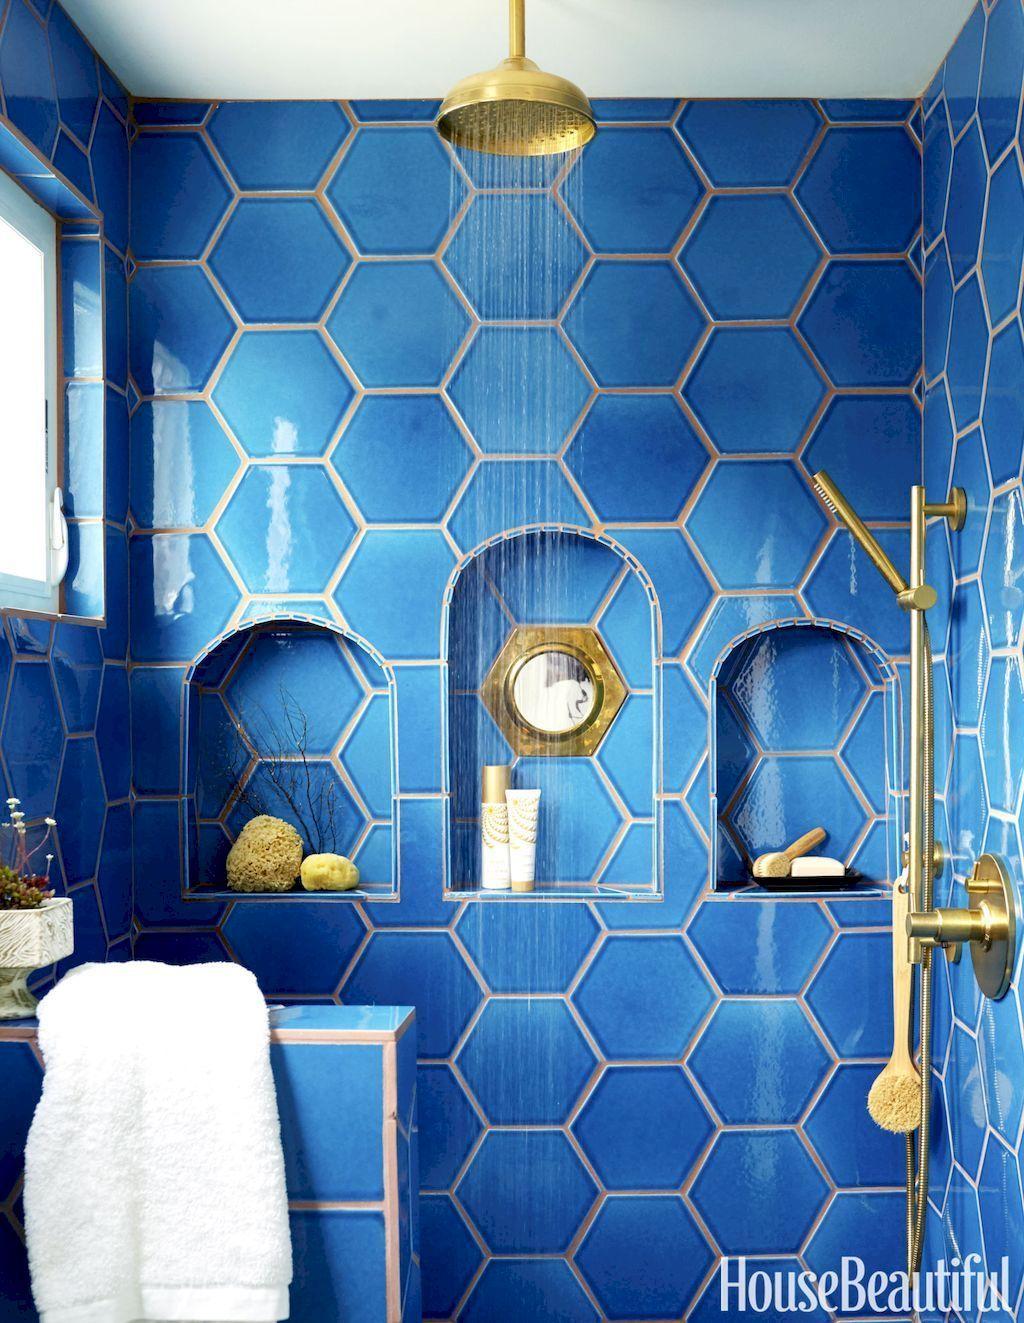 80 Stunning Tile Shower Designs Ideas For Bathroom Remodel ...